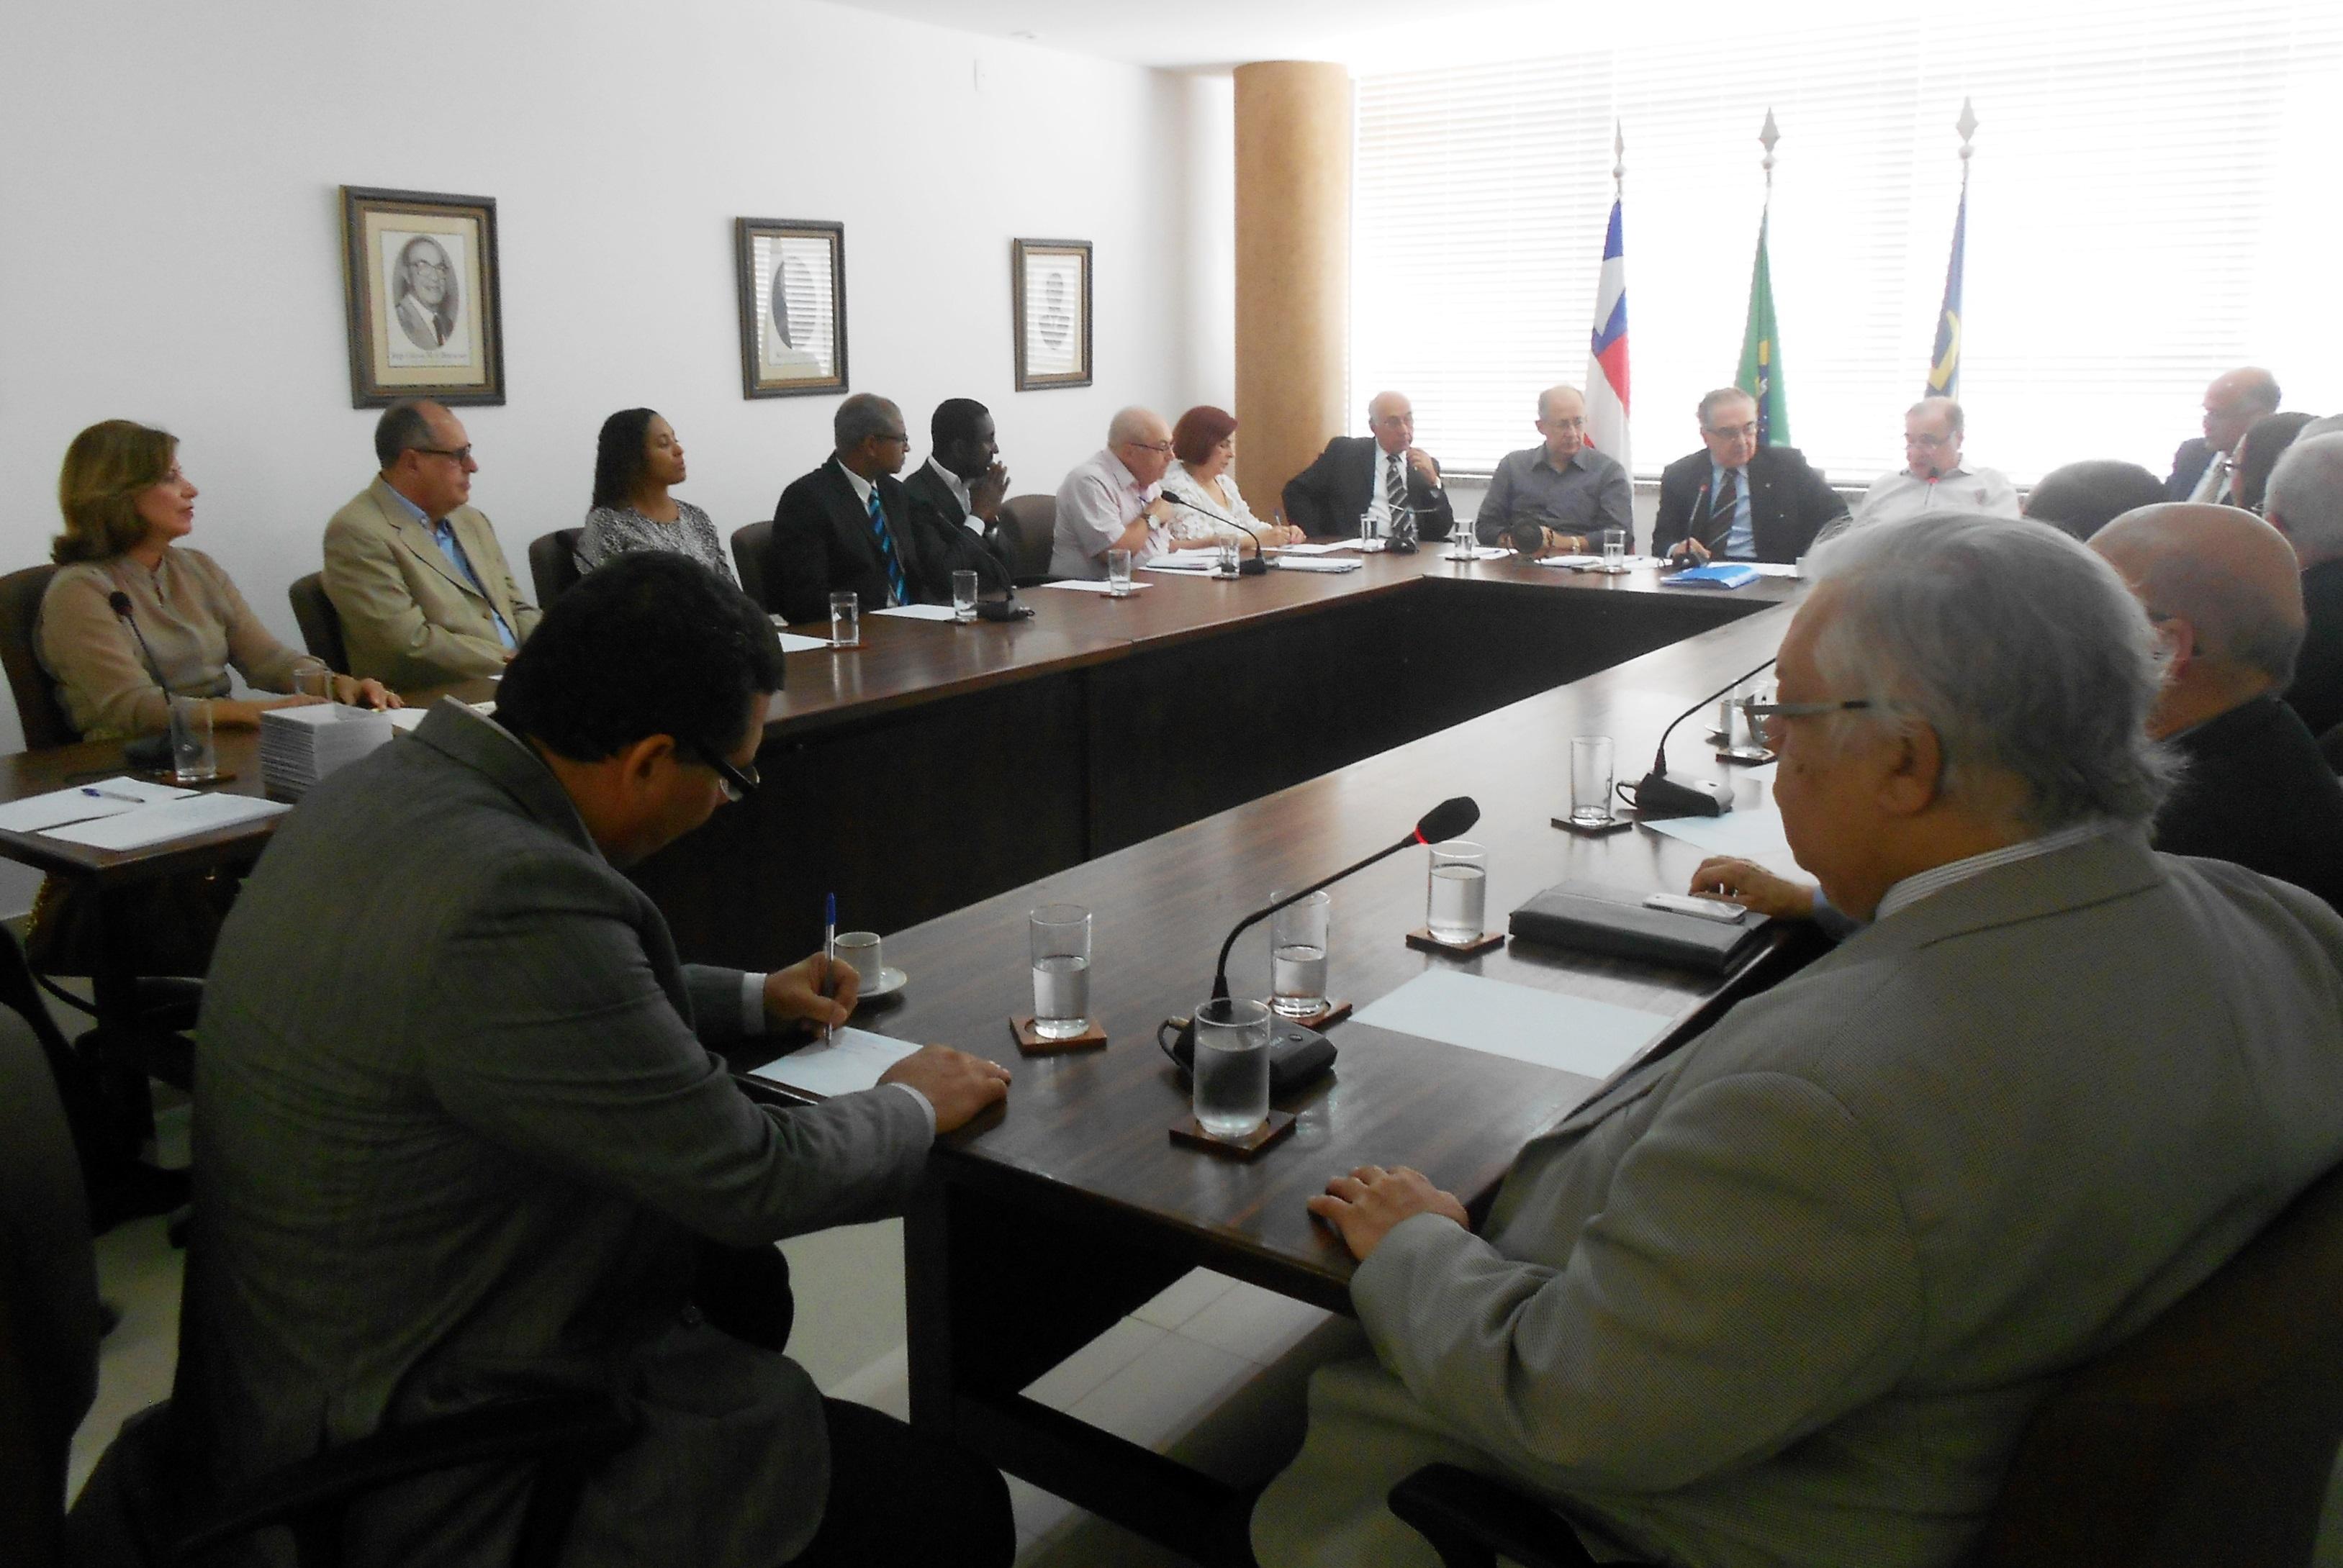 O encontro marcou o início do diálogo entre as entidades que vão homenagear  Jorge Calmon - Foto: Joseanne Guedes/ABI